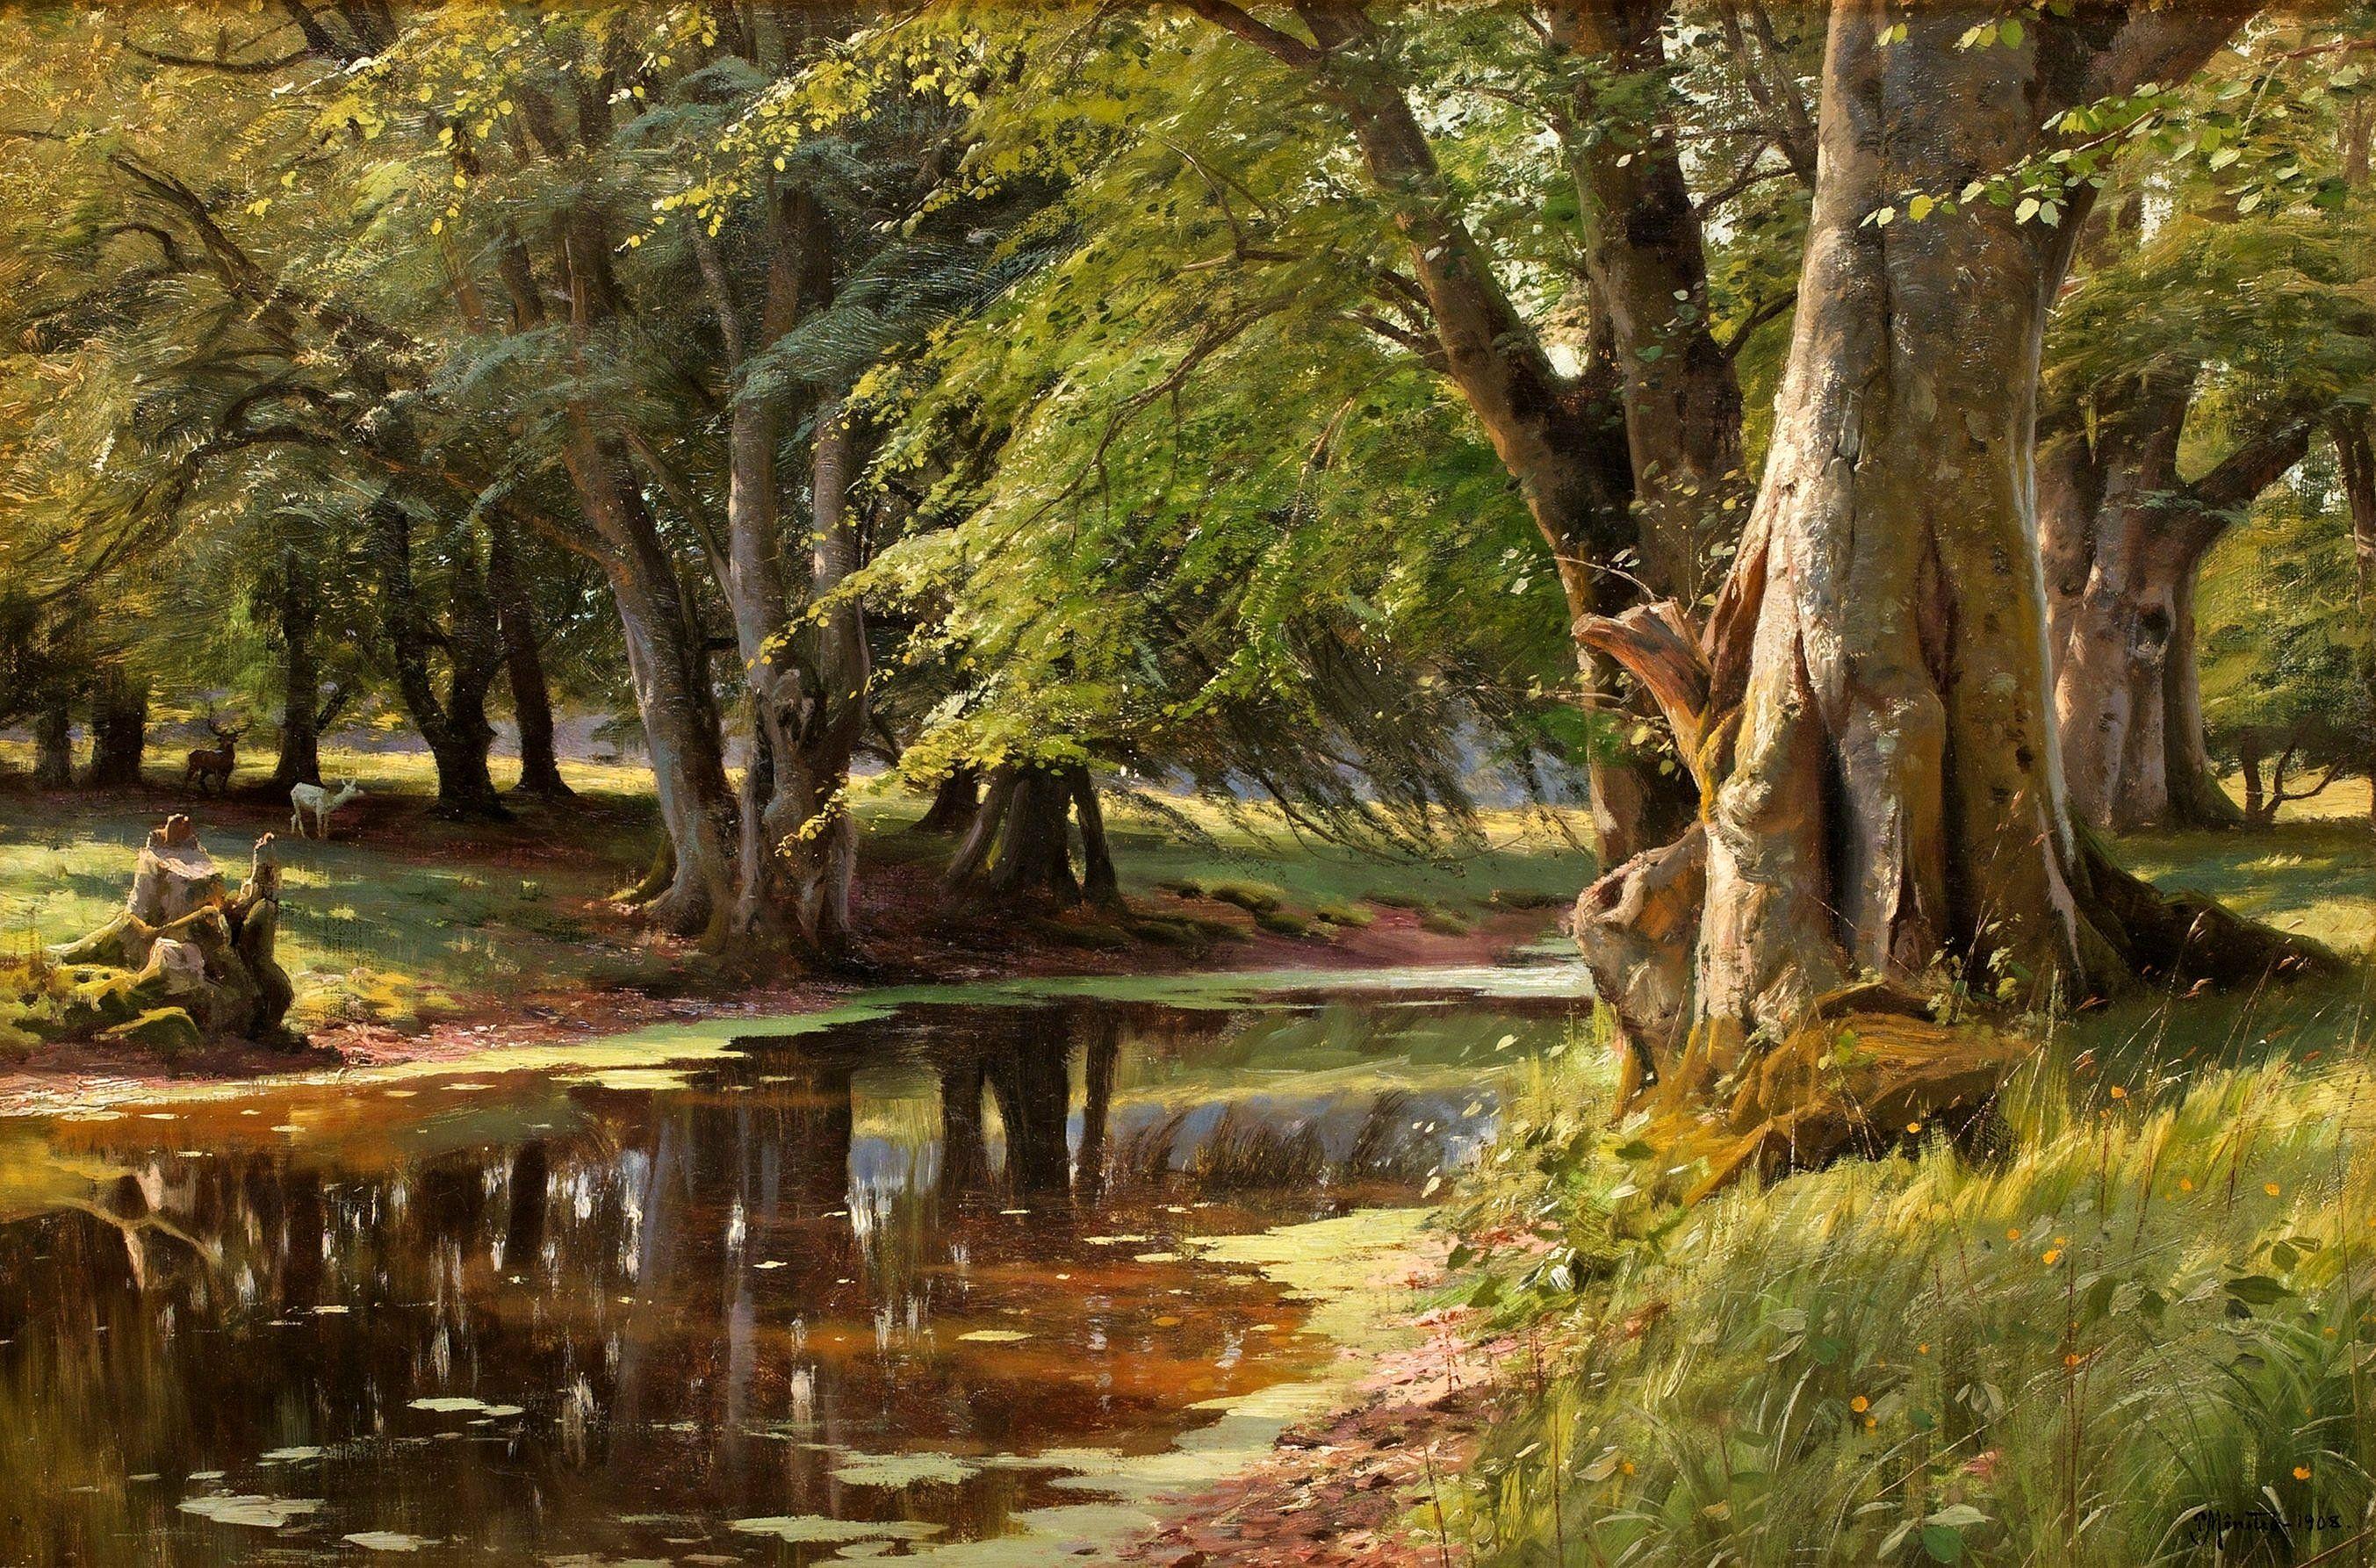 Peder Mork Monsted (Danish, 1859-1941)